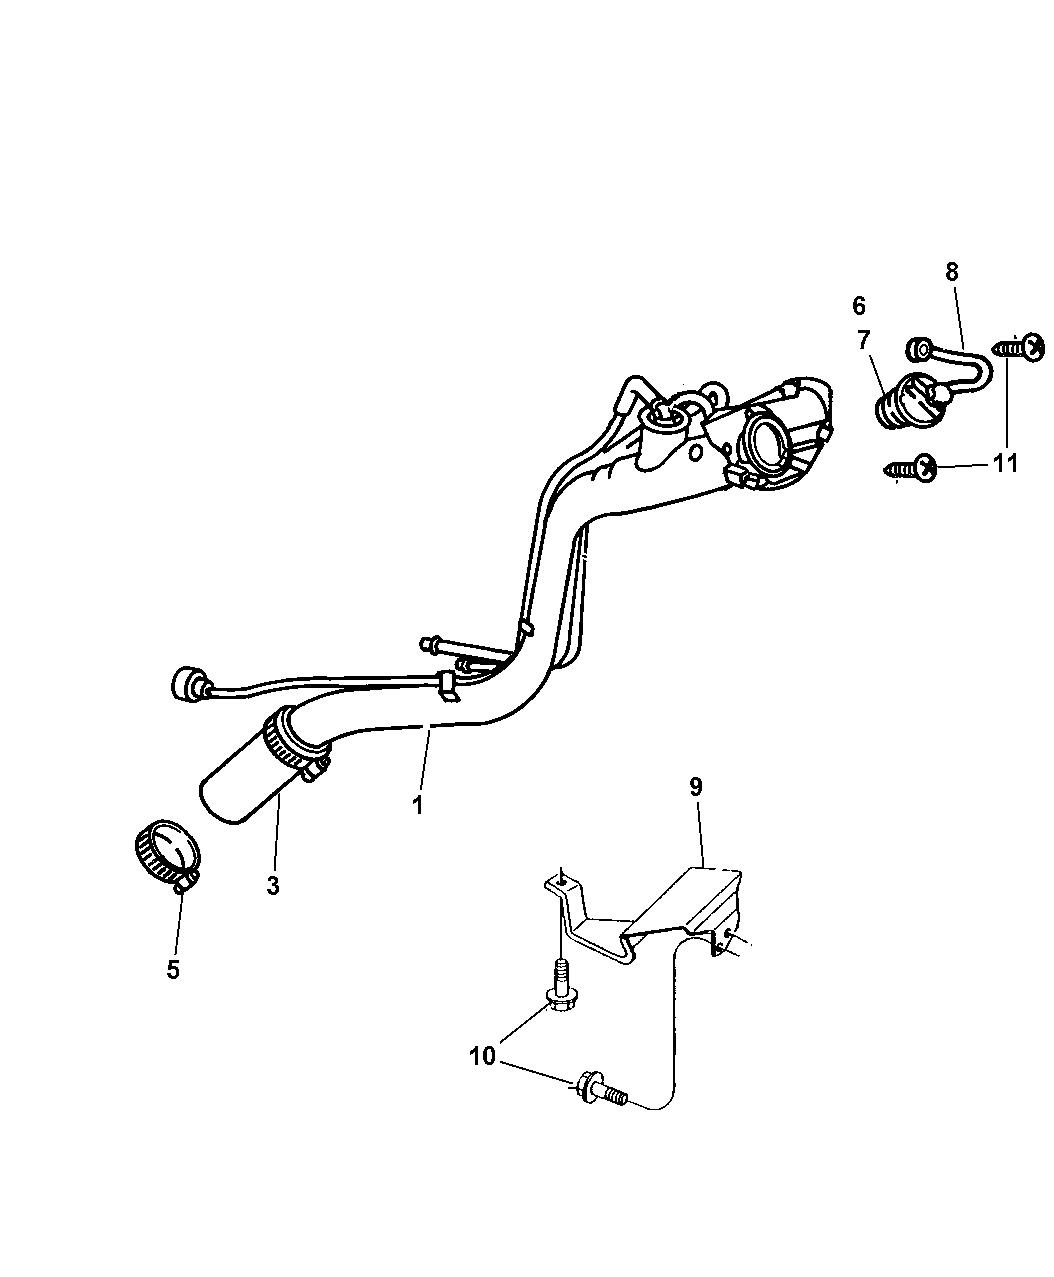 2005 Dodge Grand Caravan Fuel Tank Filler Tube